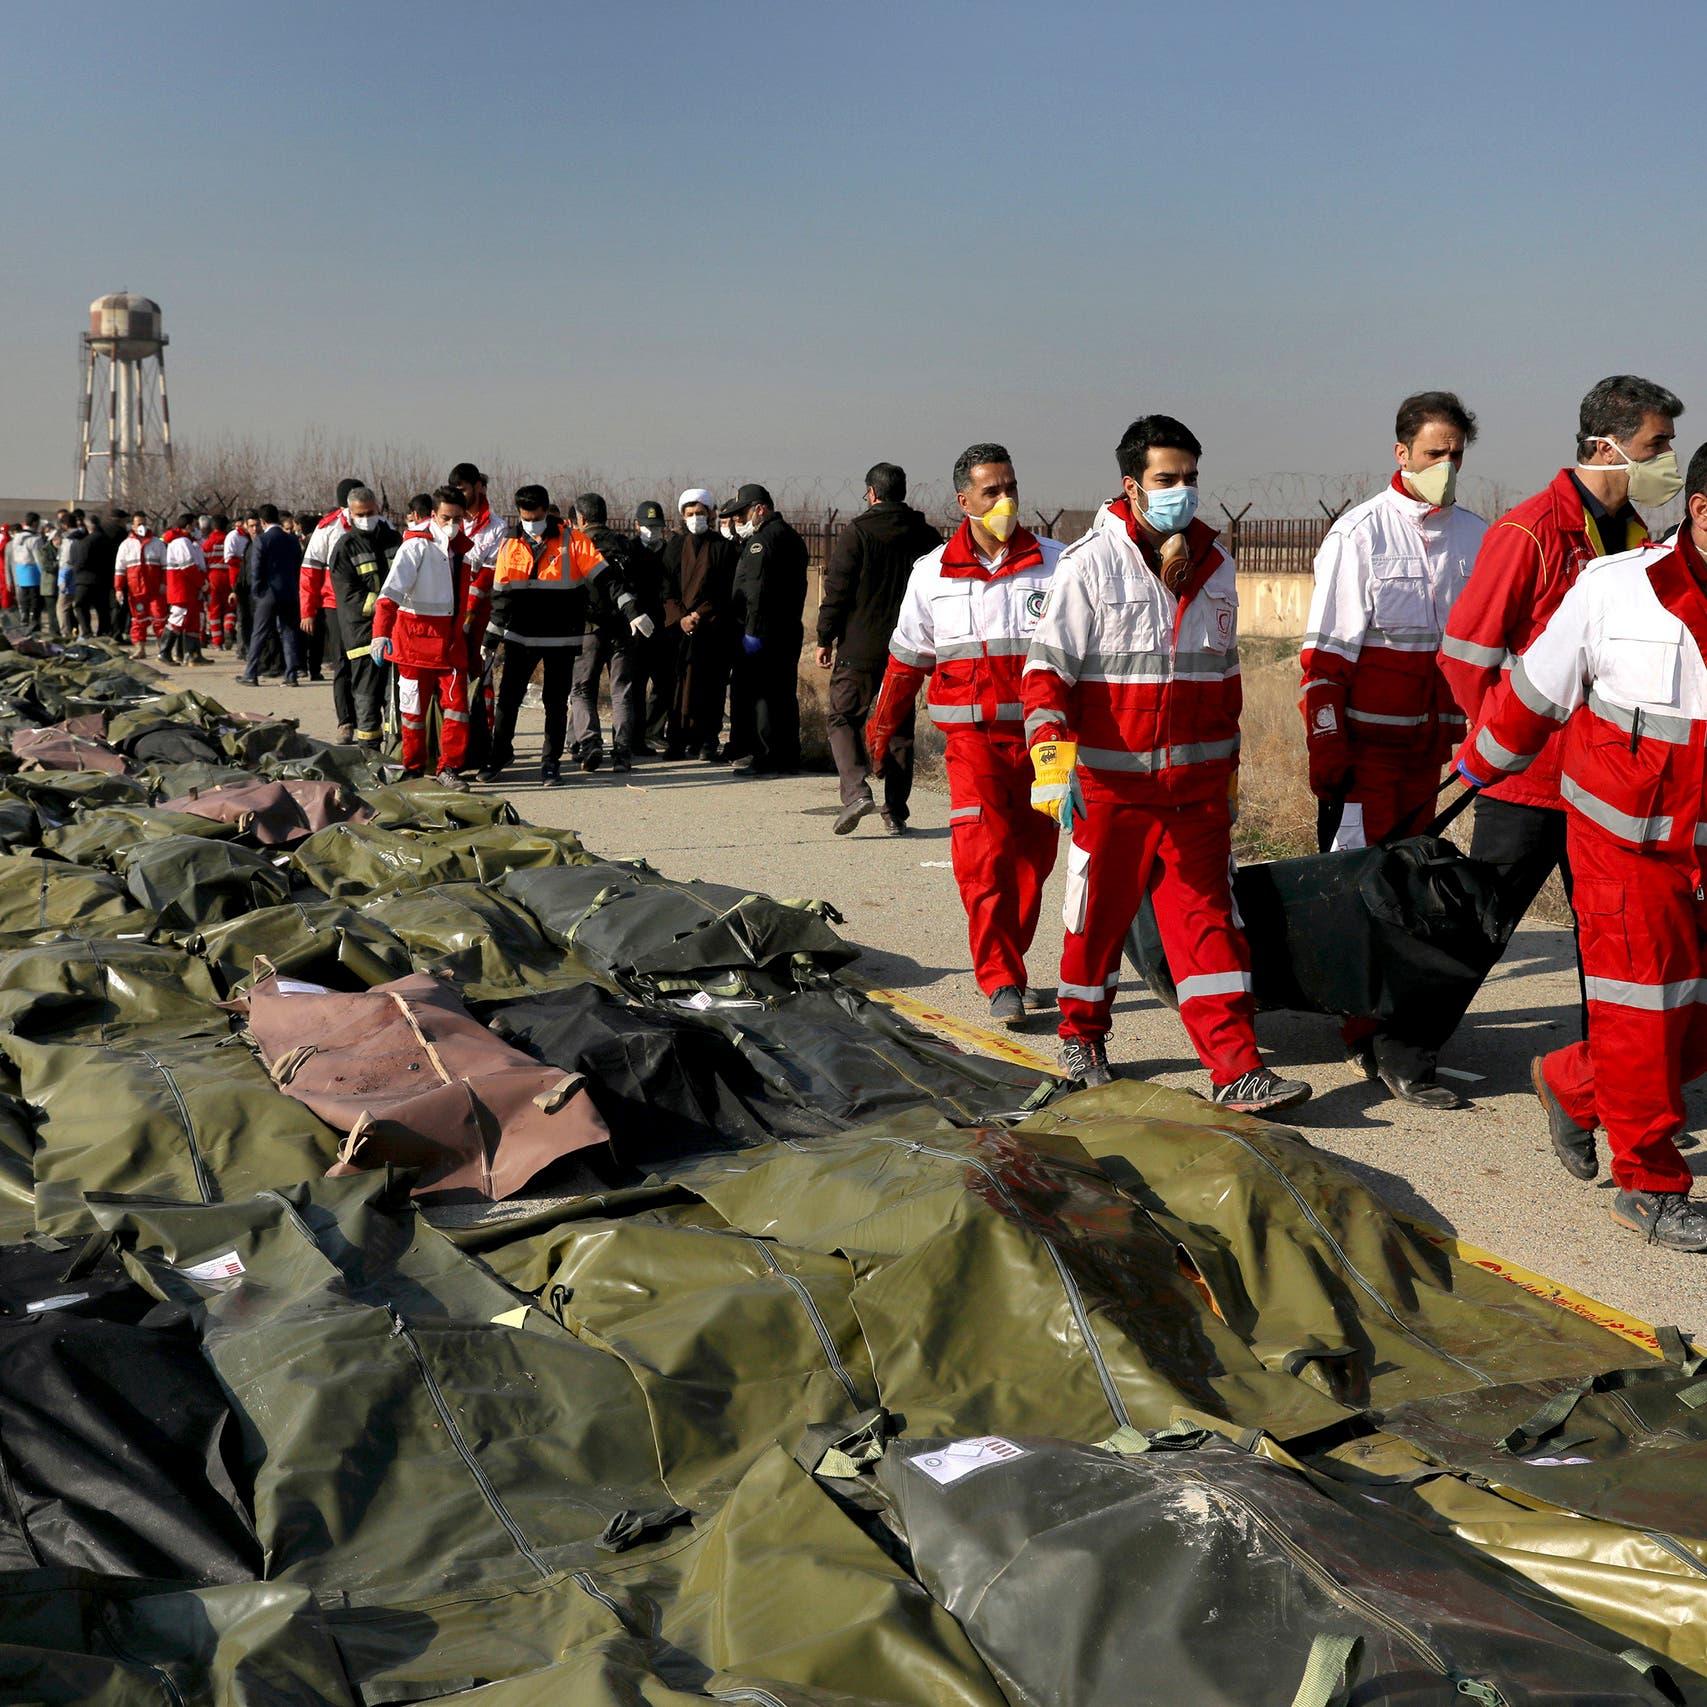 أوكرانيا: القتل العمد والتدمير بتحقيقات إسقاط الطائرة